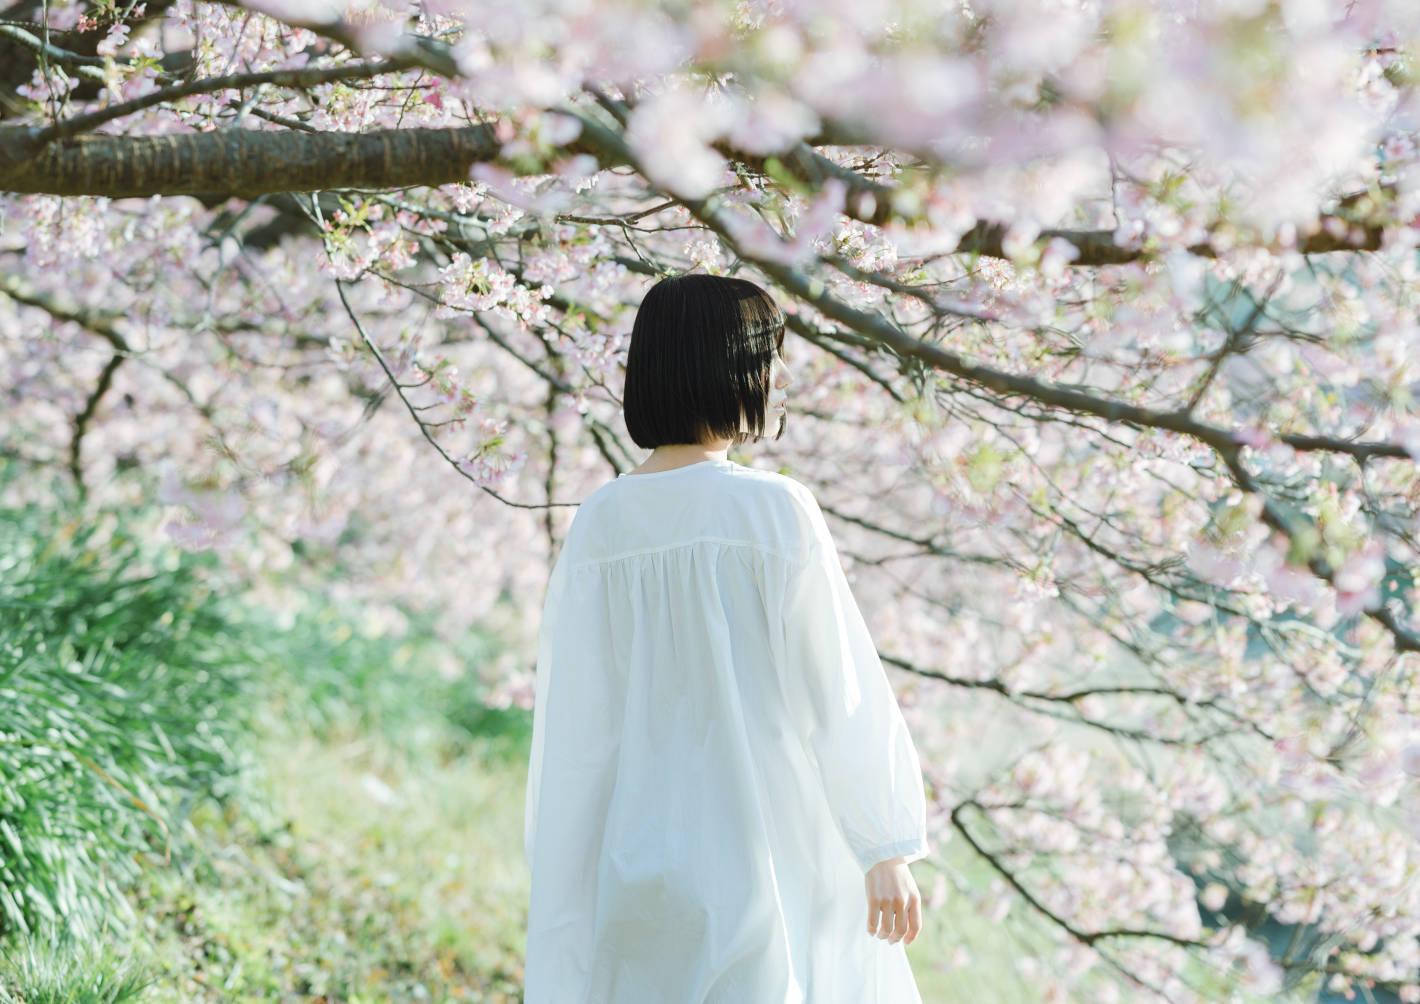 桜ポートレートの基本&応用 – ボケ・アングル・光・構図で広がる表現の10要素